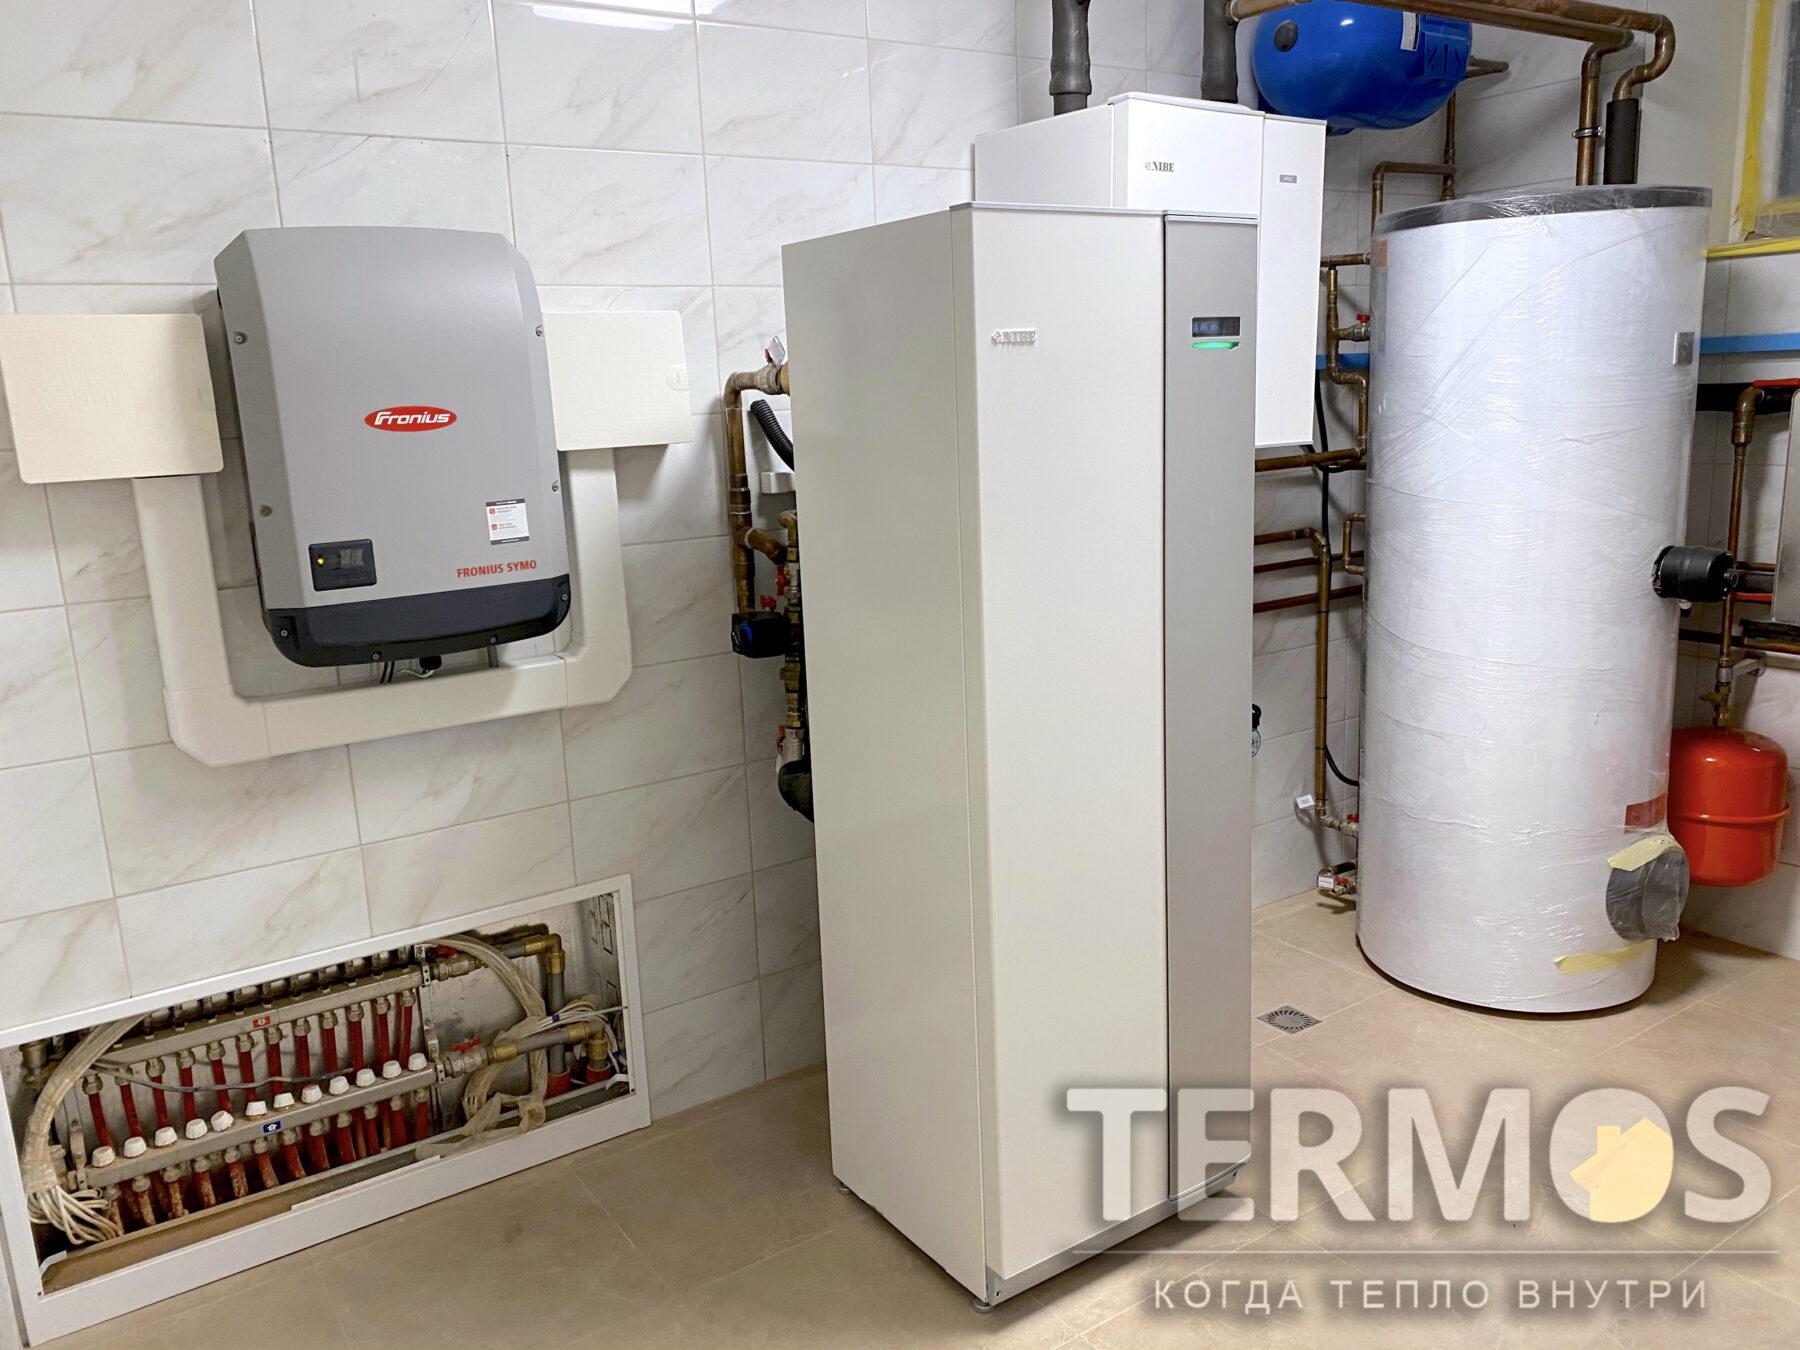 Тепловой насос обеспечивает функции отопления, горячего водоснабжения, активного охлаждения летом